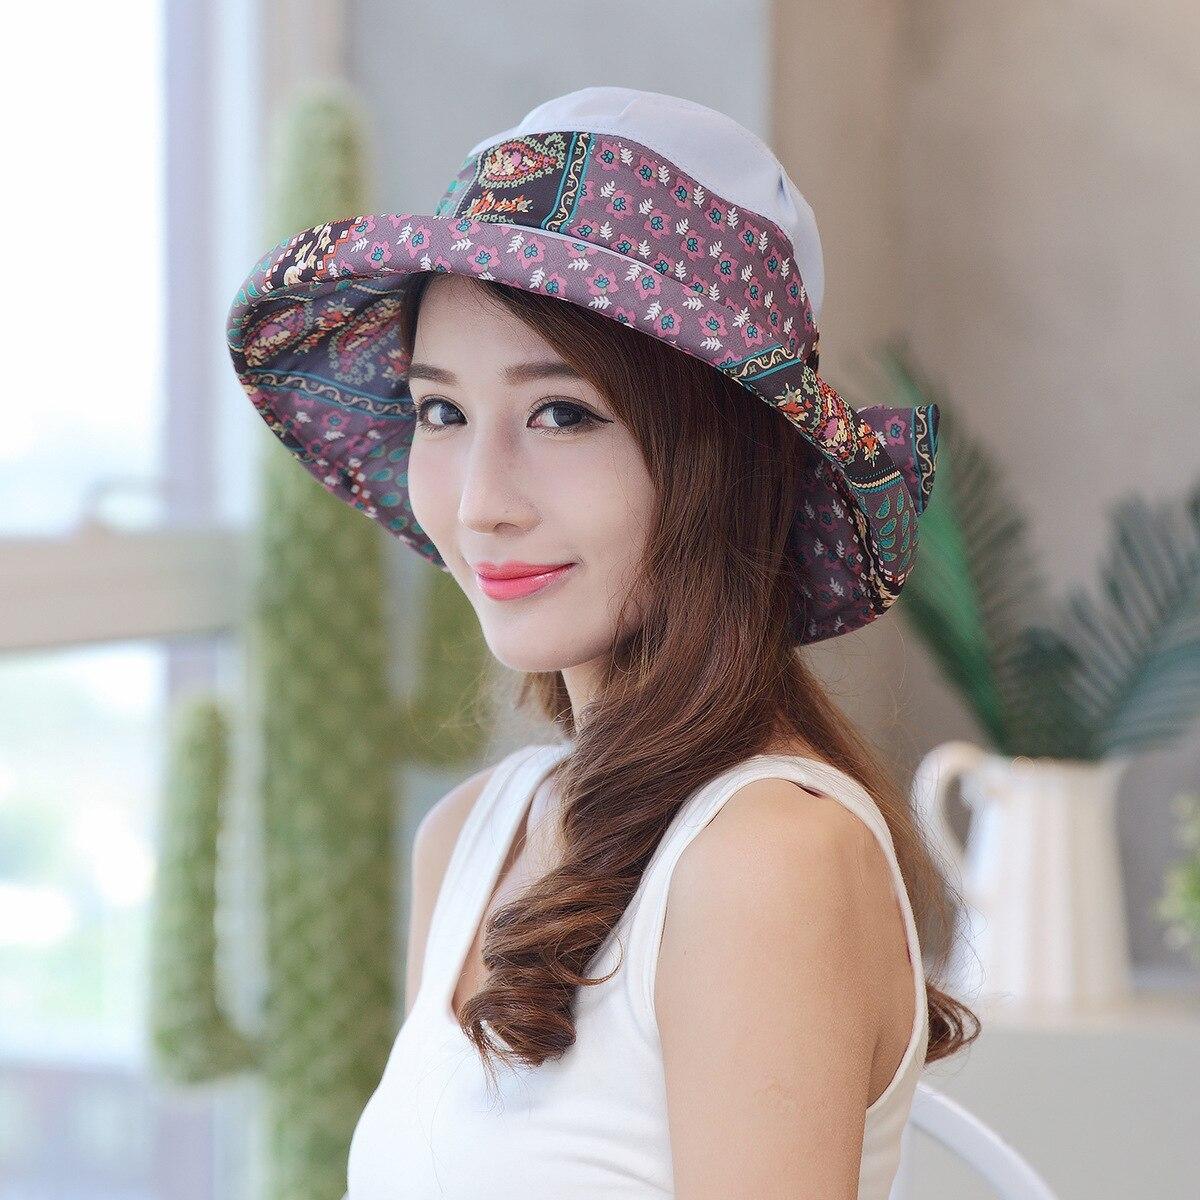 Kopfbedeckung sommer frauen